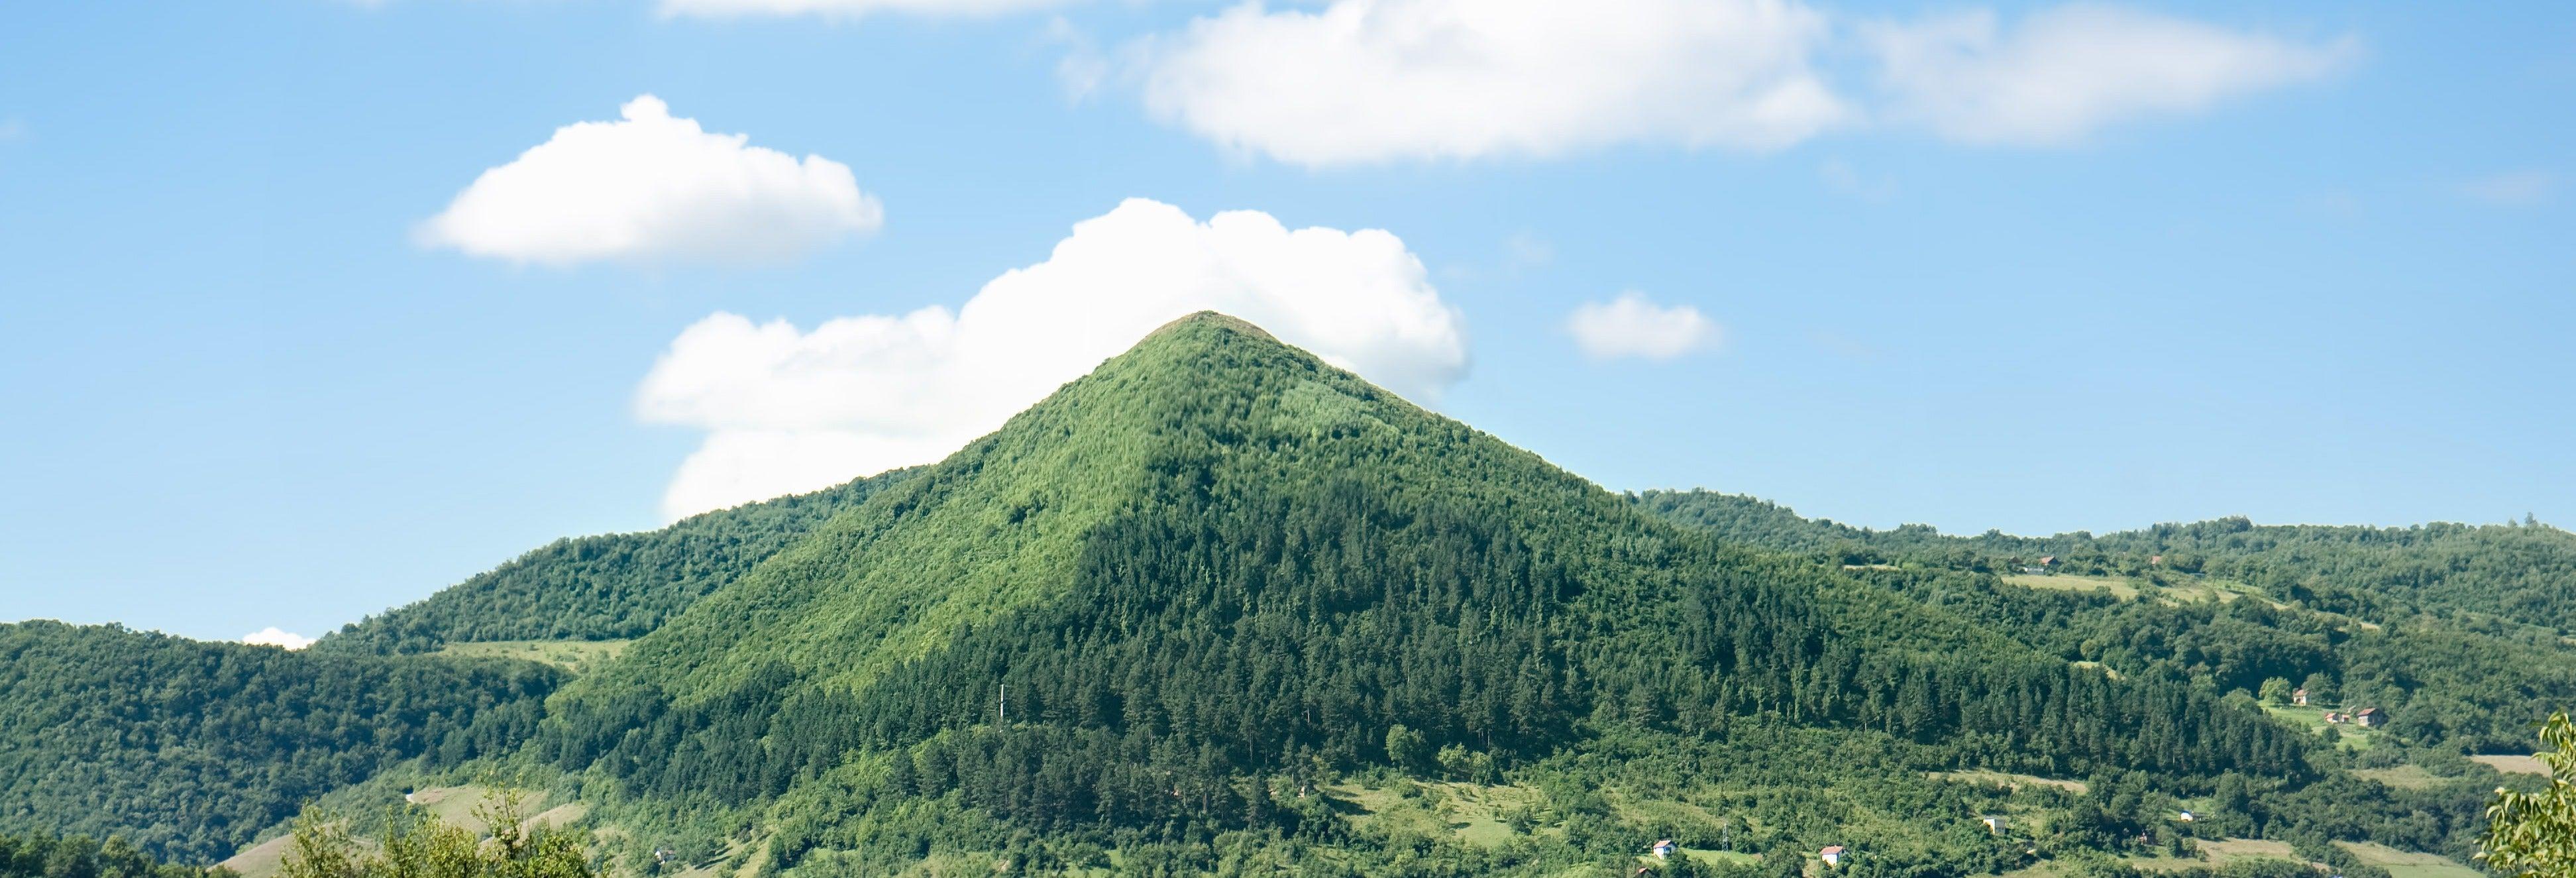 Excursión a las pirámides de Bosnia